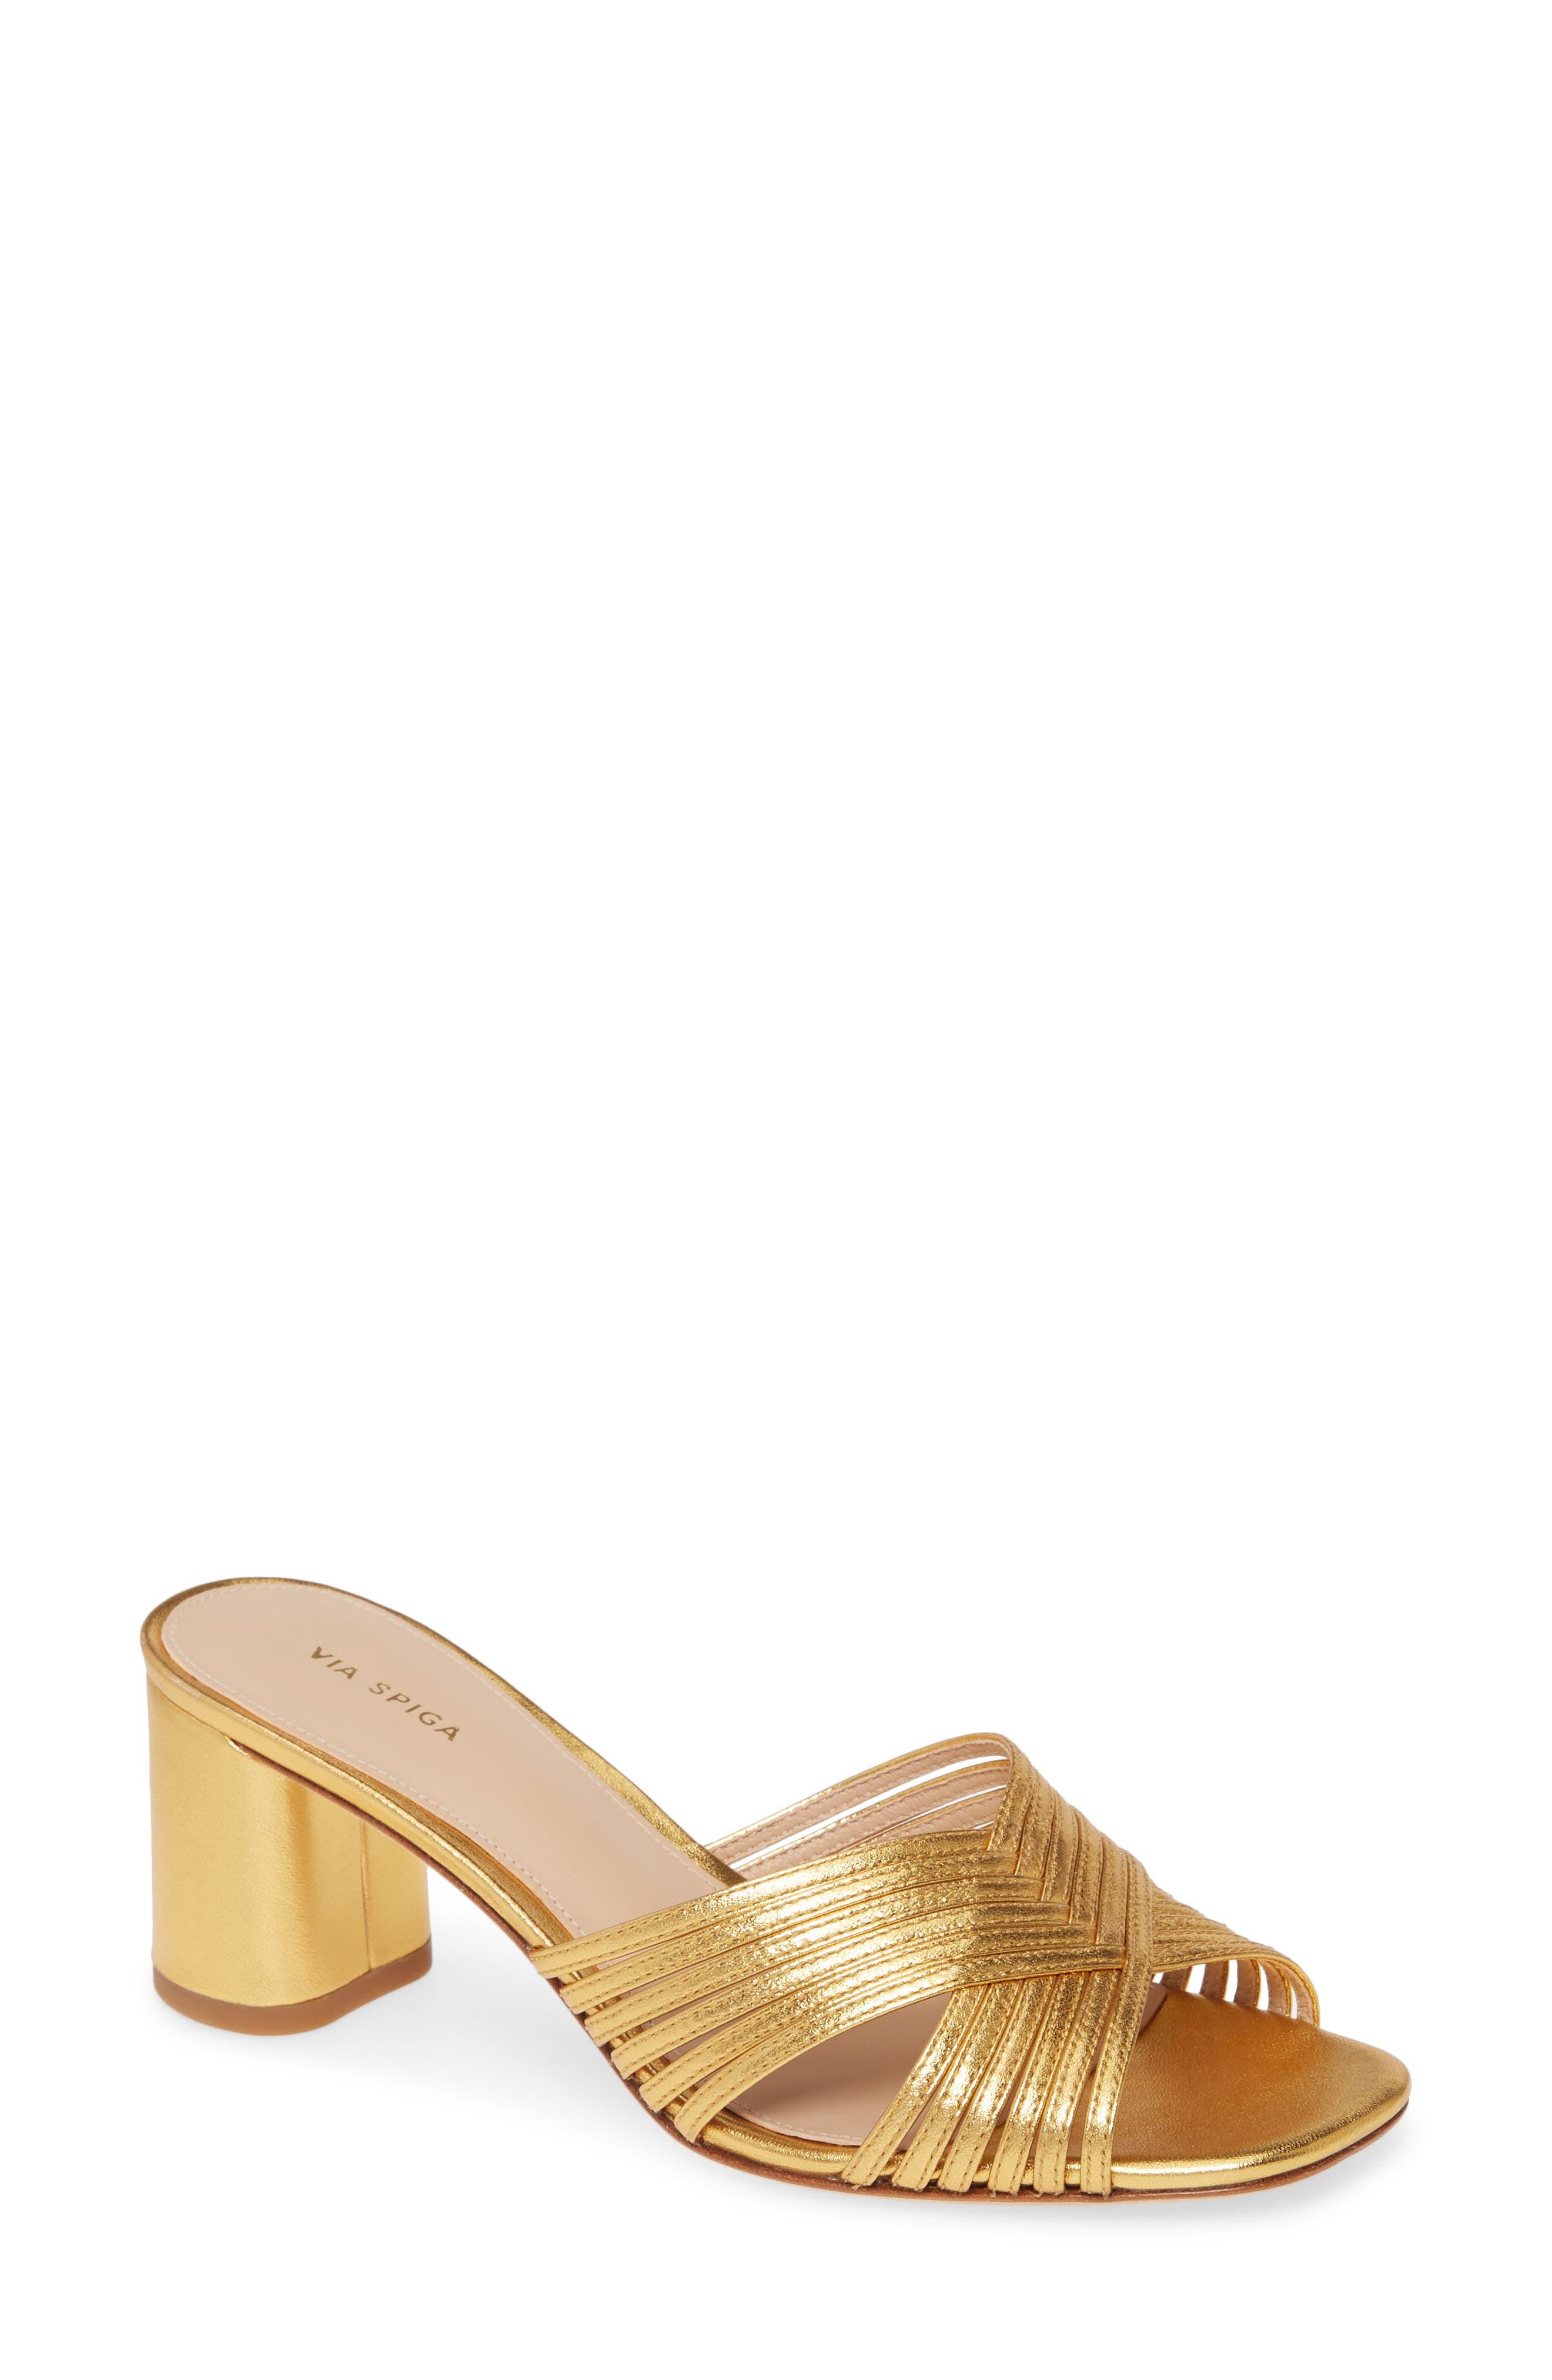 Women's Via Spiga Shoes Sale